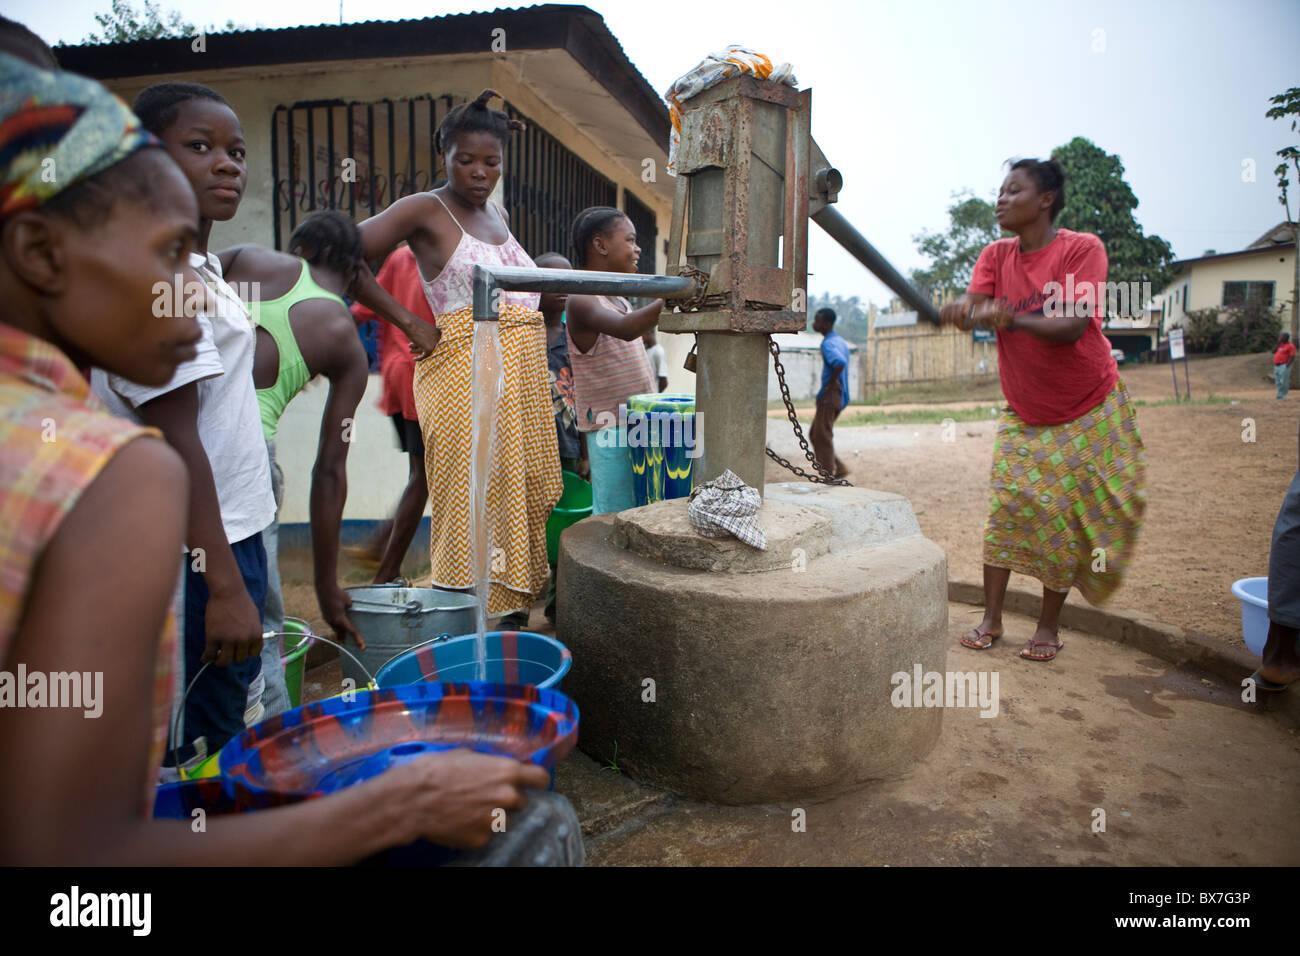 Gli abitanti di un villaggio di pompare acqua da un quartiere ben in Kakata, Libera, Africa occidentale. Immagini Stock